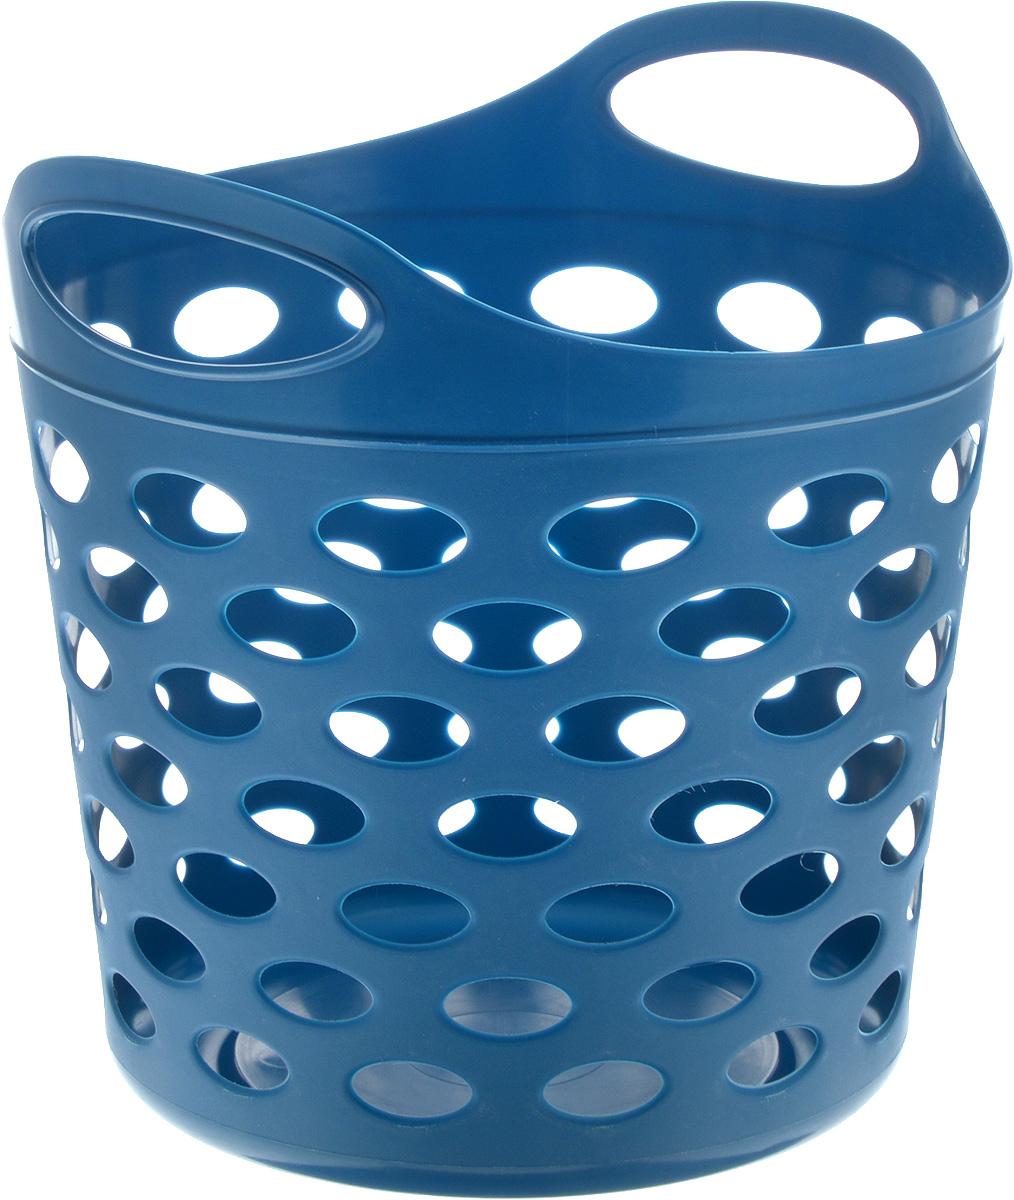 Корзина-сумка Gensini, универсальная, цвет: синий, 13 л3312_синийУниверсальная корзина-сумка Gensini отлично подойдет для хранения белья перед стиркой, игрушек и других вещей. Она выполнена из высококачественного мягкого пластика и оснащена двумя удобными ручками для переноски. Боковые стенки оформлены перфорацией, которая обеспечивает вентиляцию белья. Современный дизайн корзины-сумки позволит ей вписаться в любой интерьер, а благодаря своим компактным размерам она не займет много места.